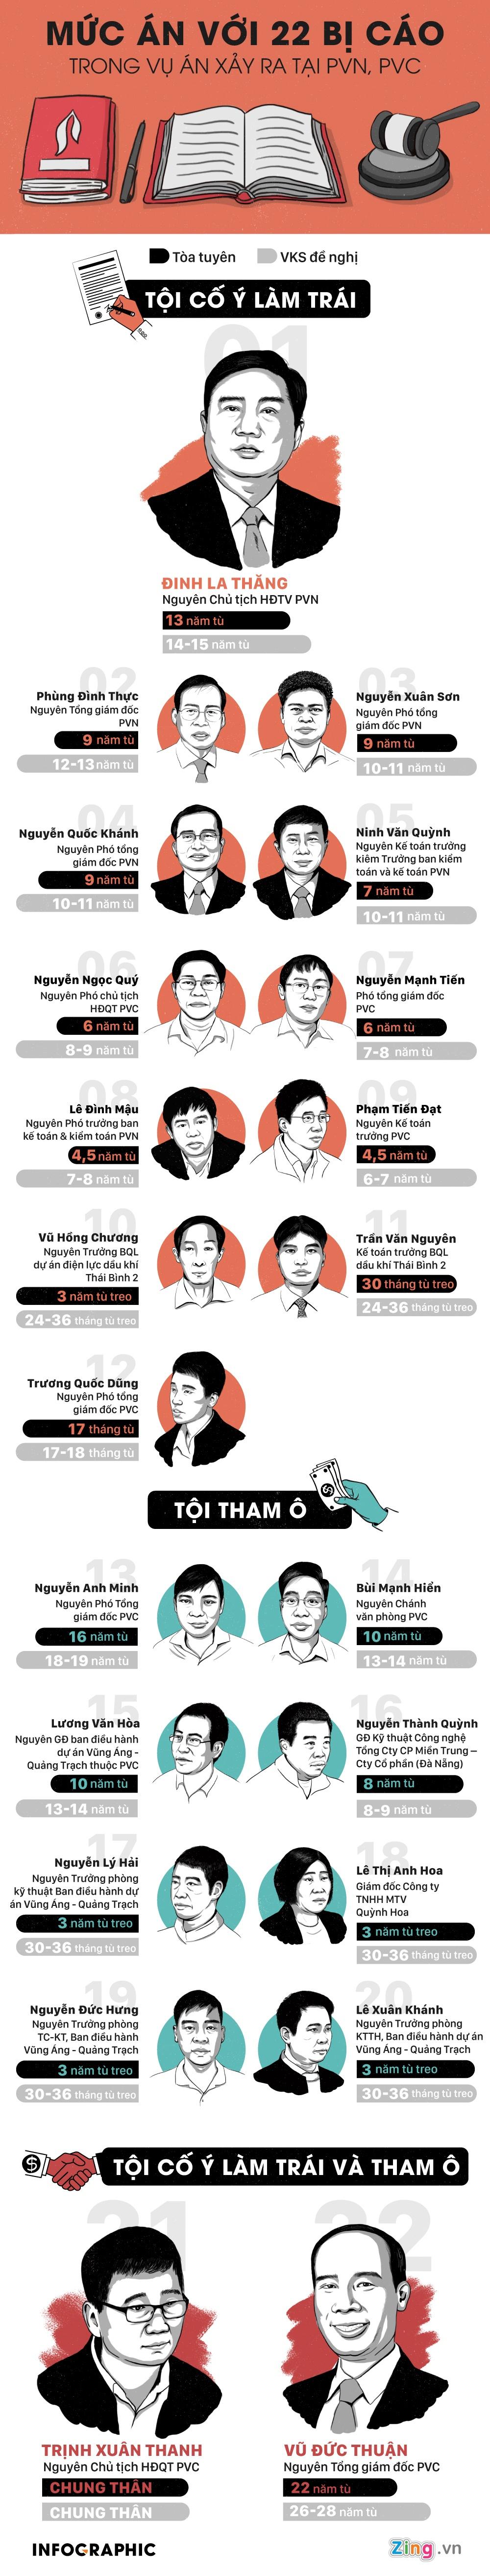 Dinh La Thang linh 13 nam tu, Trinh Xuan Thanh an chung than hinh anh 1